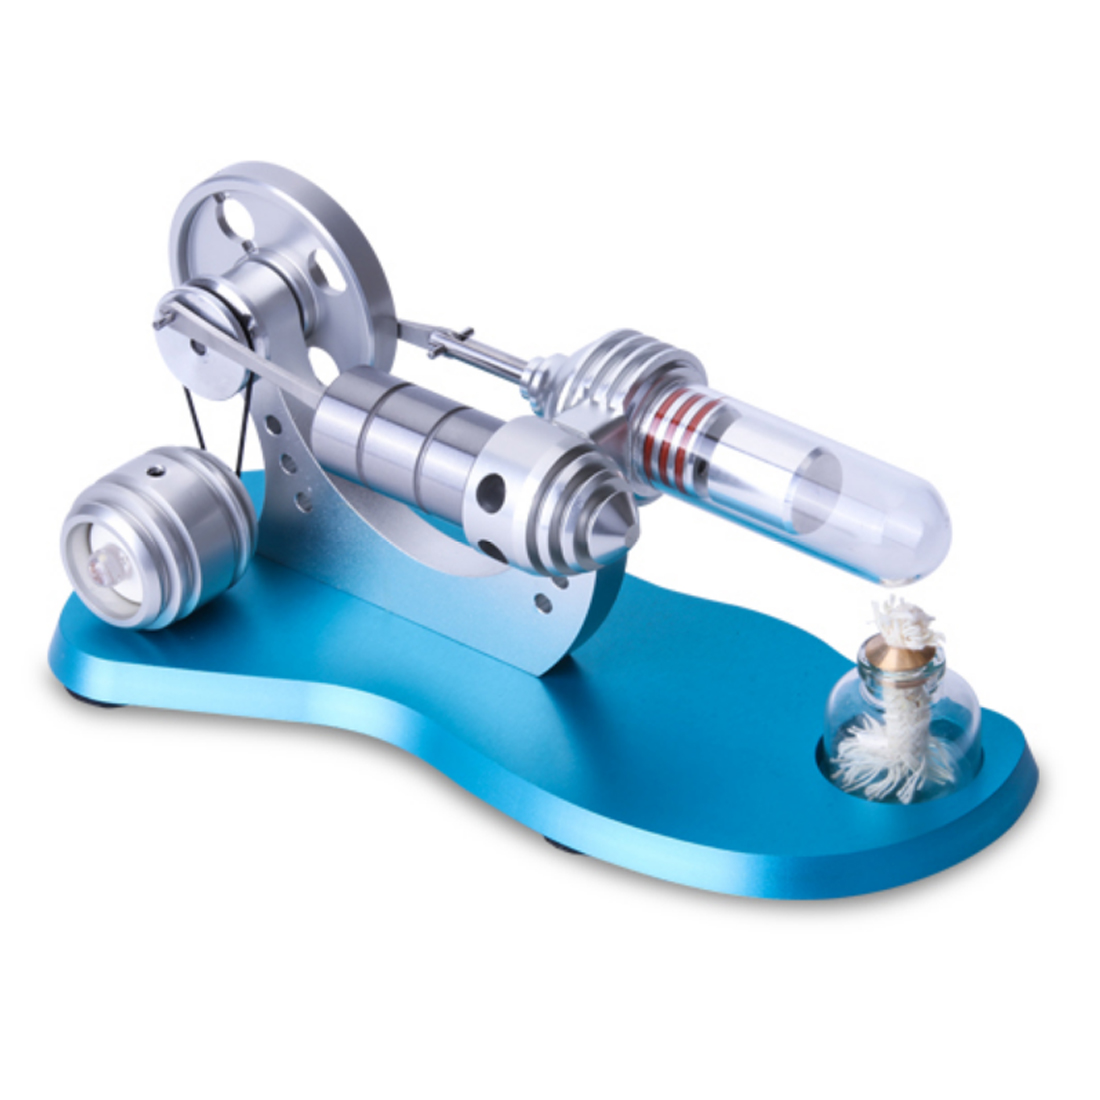 Металлический цилиндр Bootable Stirling Модель двигателя микро внешняя Модель двигателя сгорания-павлин синий плинтус игрушки для детей